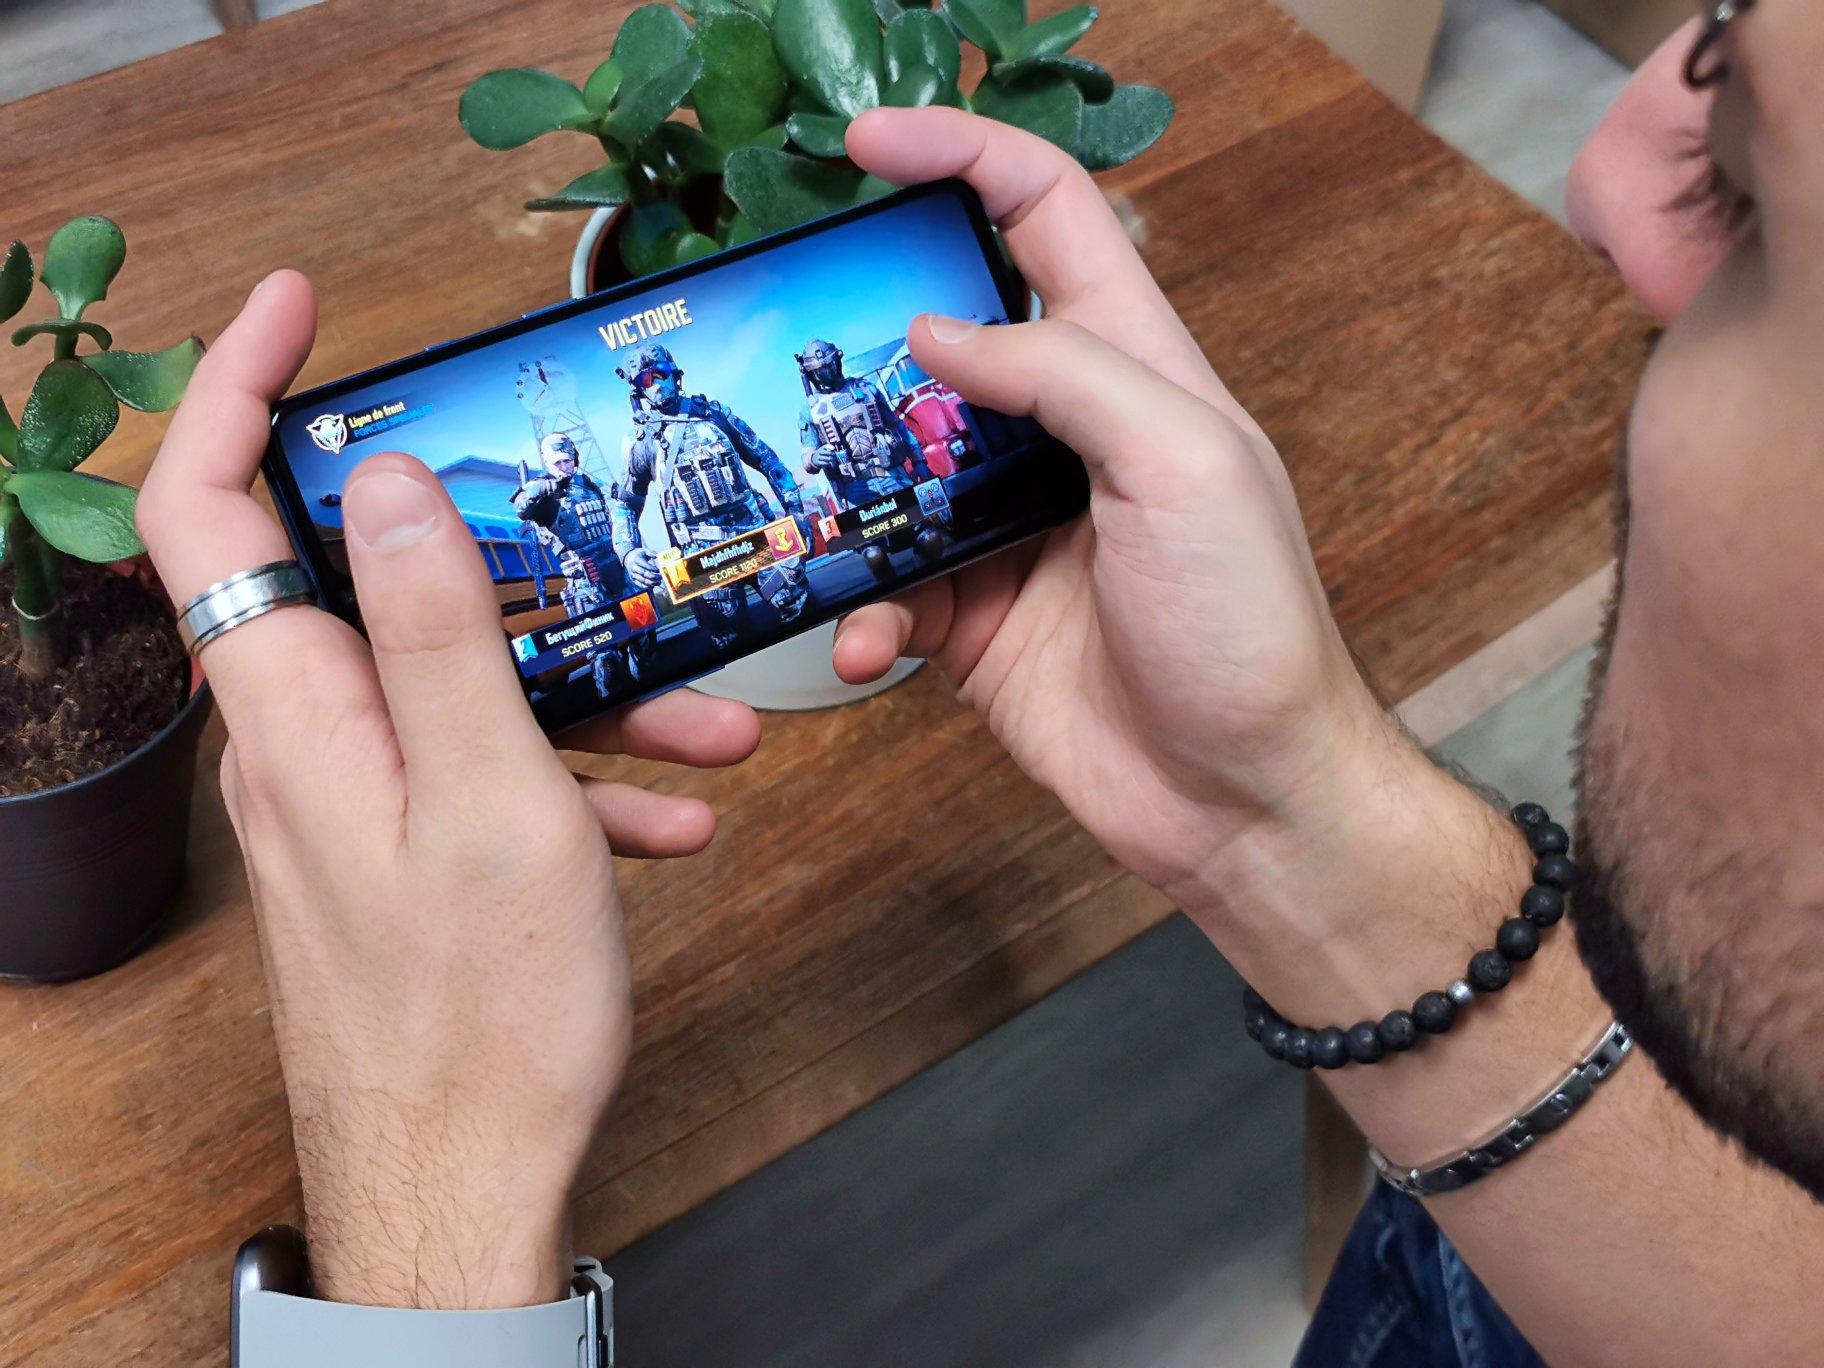 Les Meilleurs Fps Et Tps (Jeux De Tir) Sur Android Et Iphone pour Jeux Des 7 Différences Gratuit